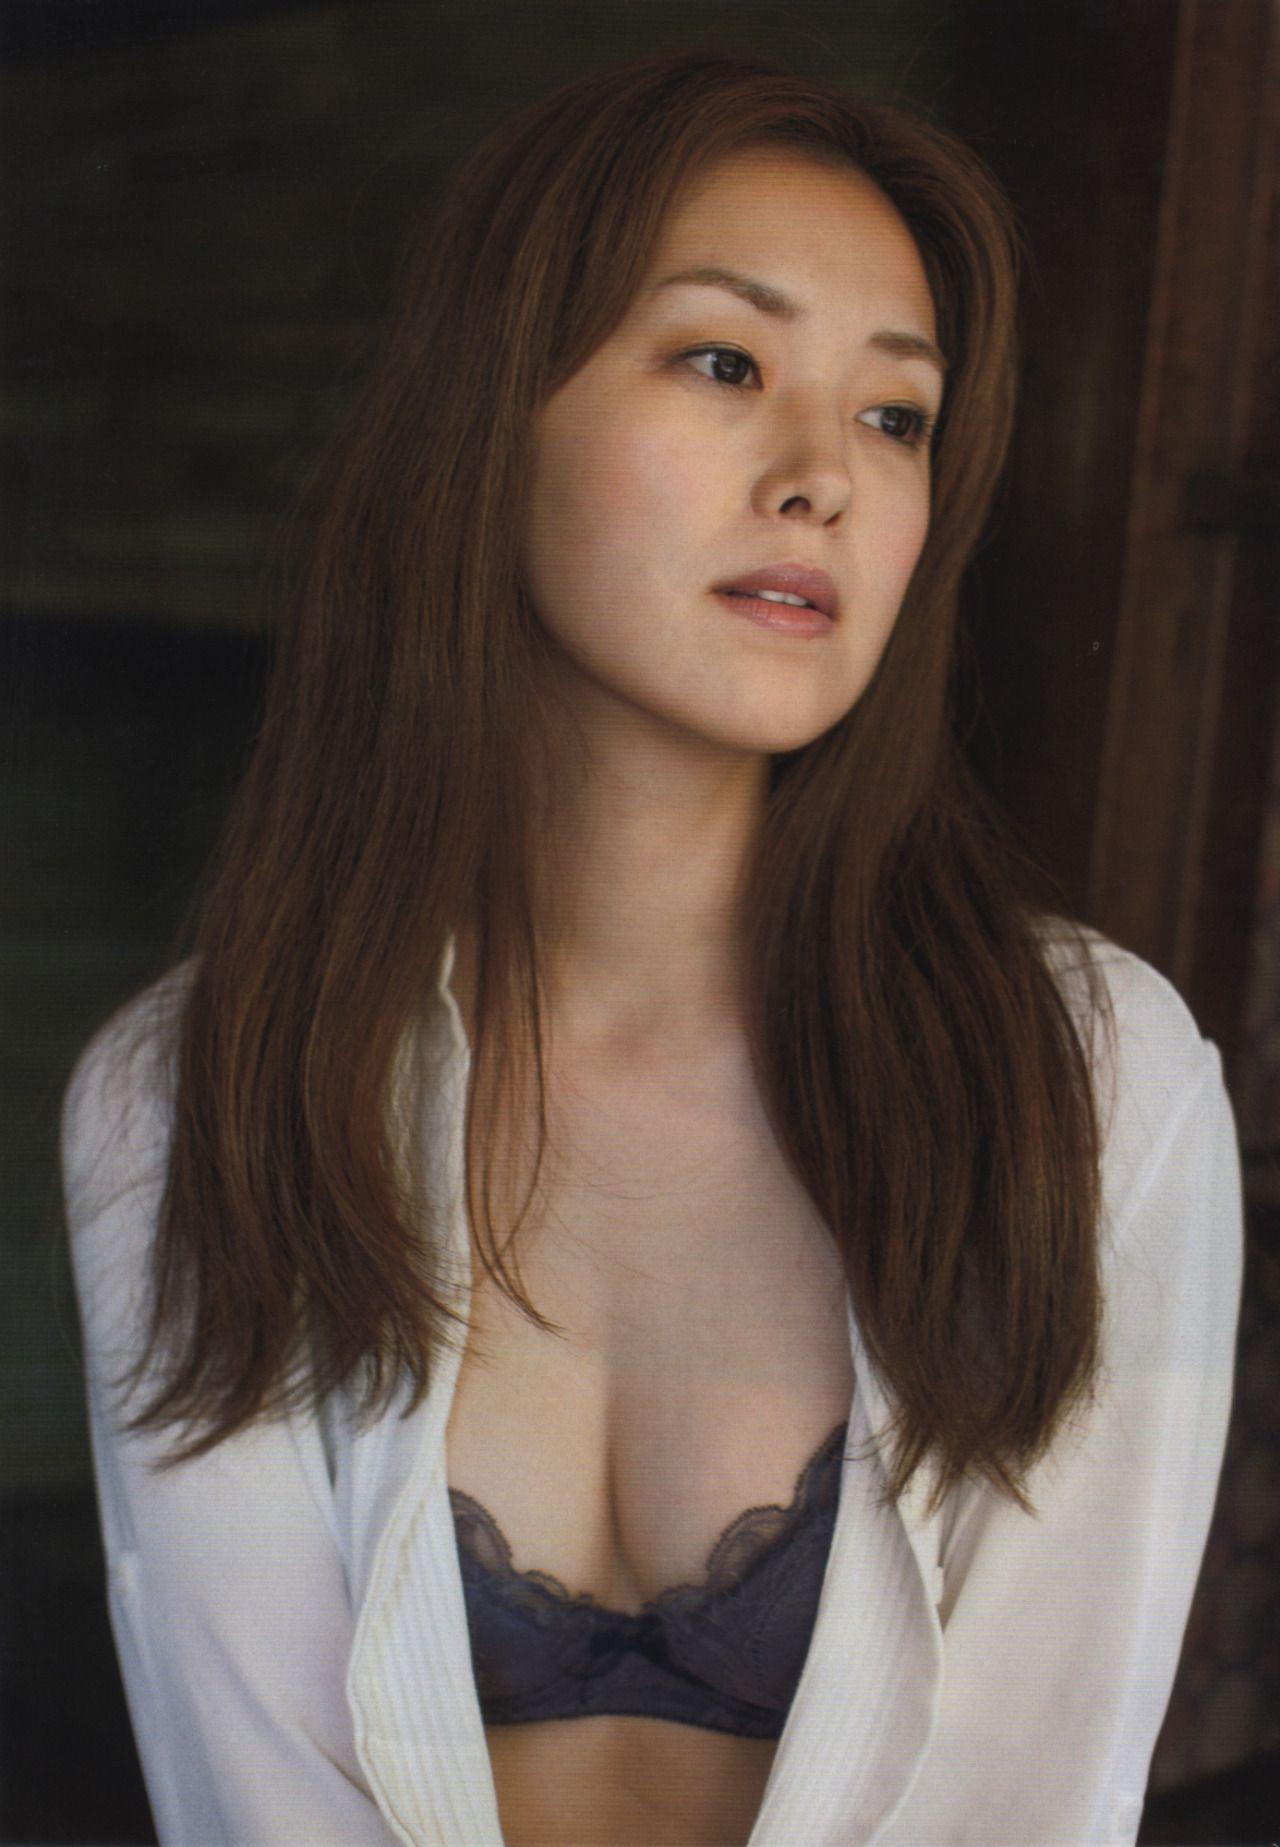 苗木優子のグラビア